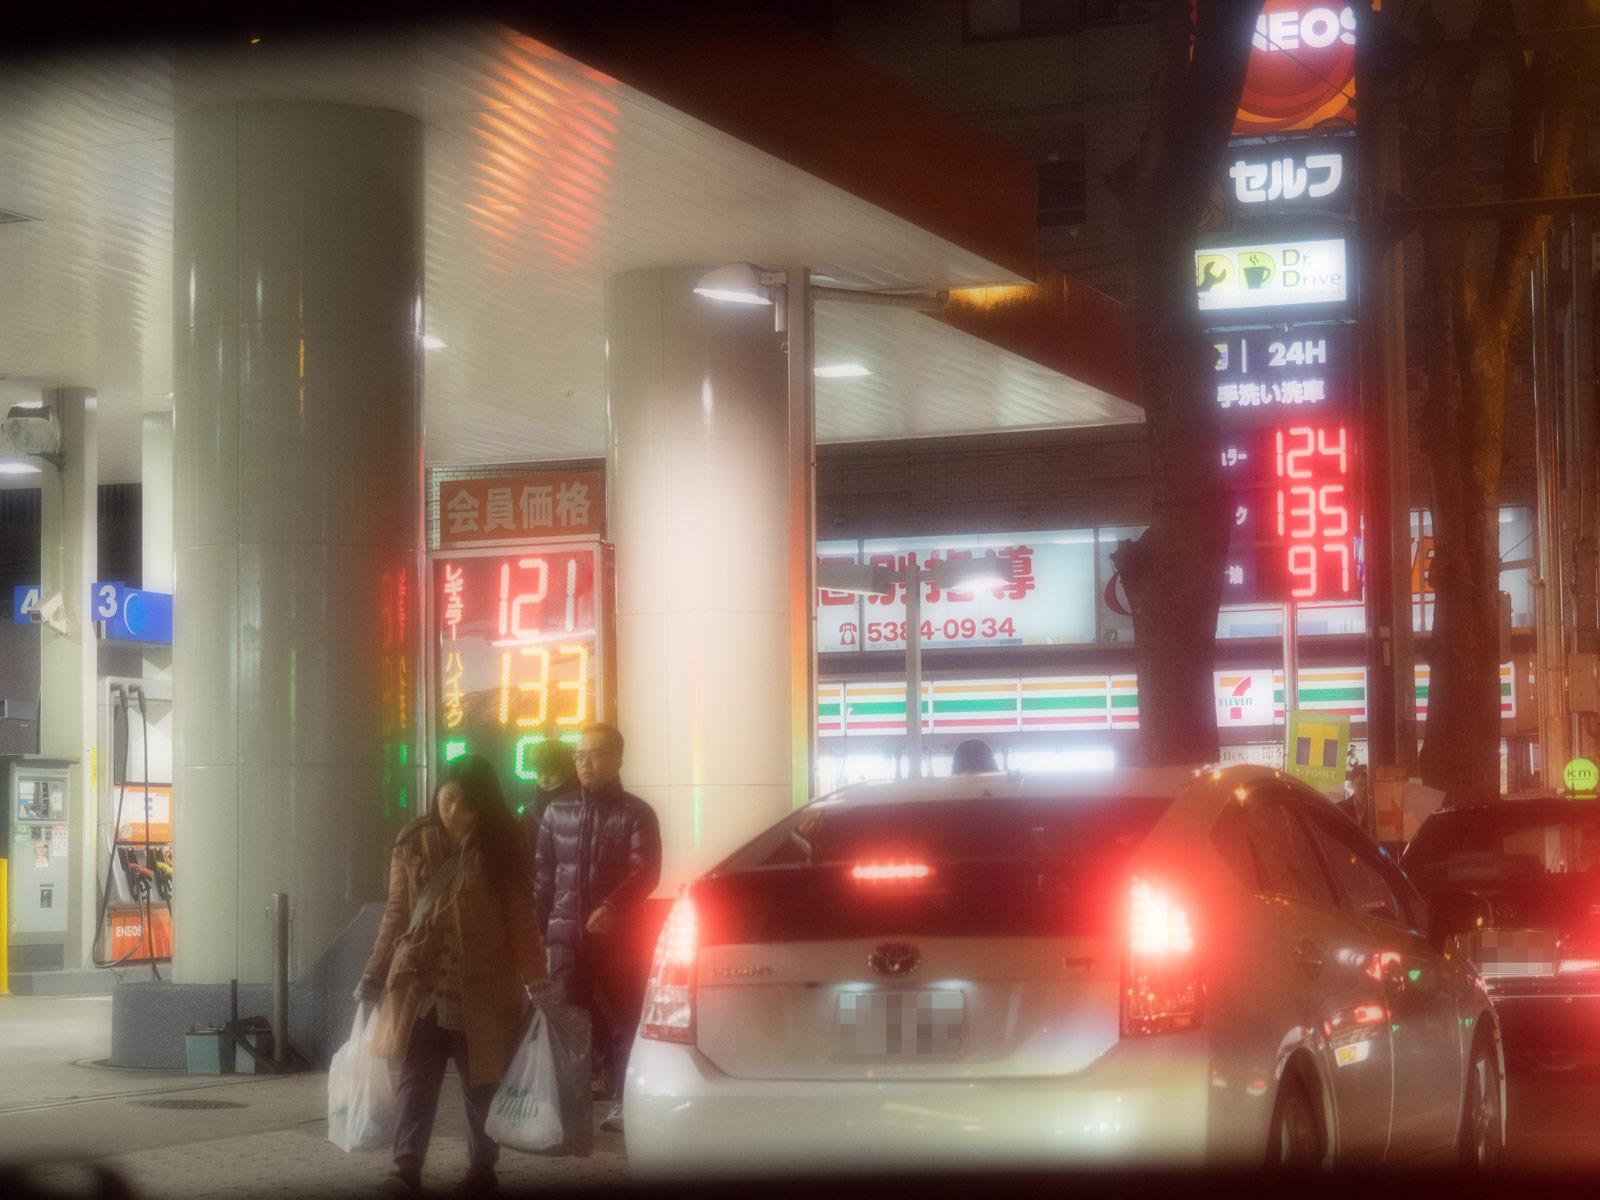 ガソリン…121円_a0271402_10472640.jpg